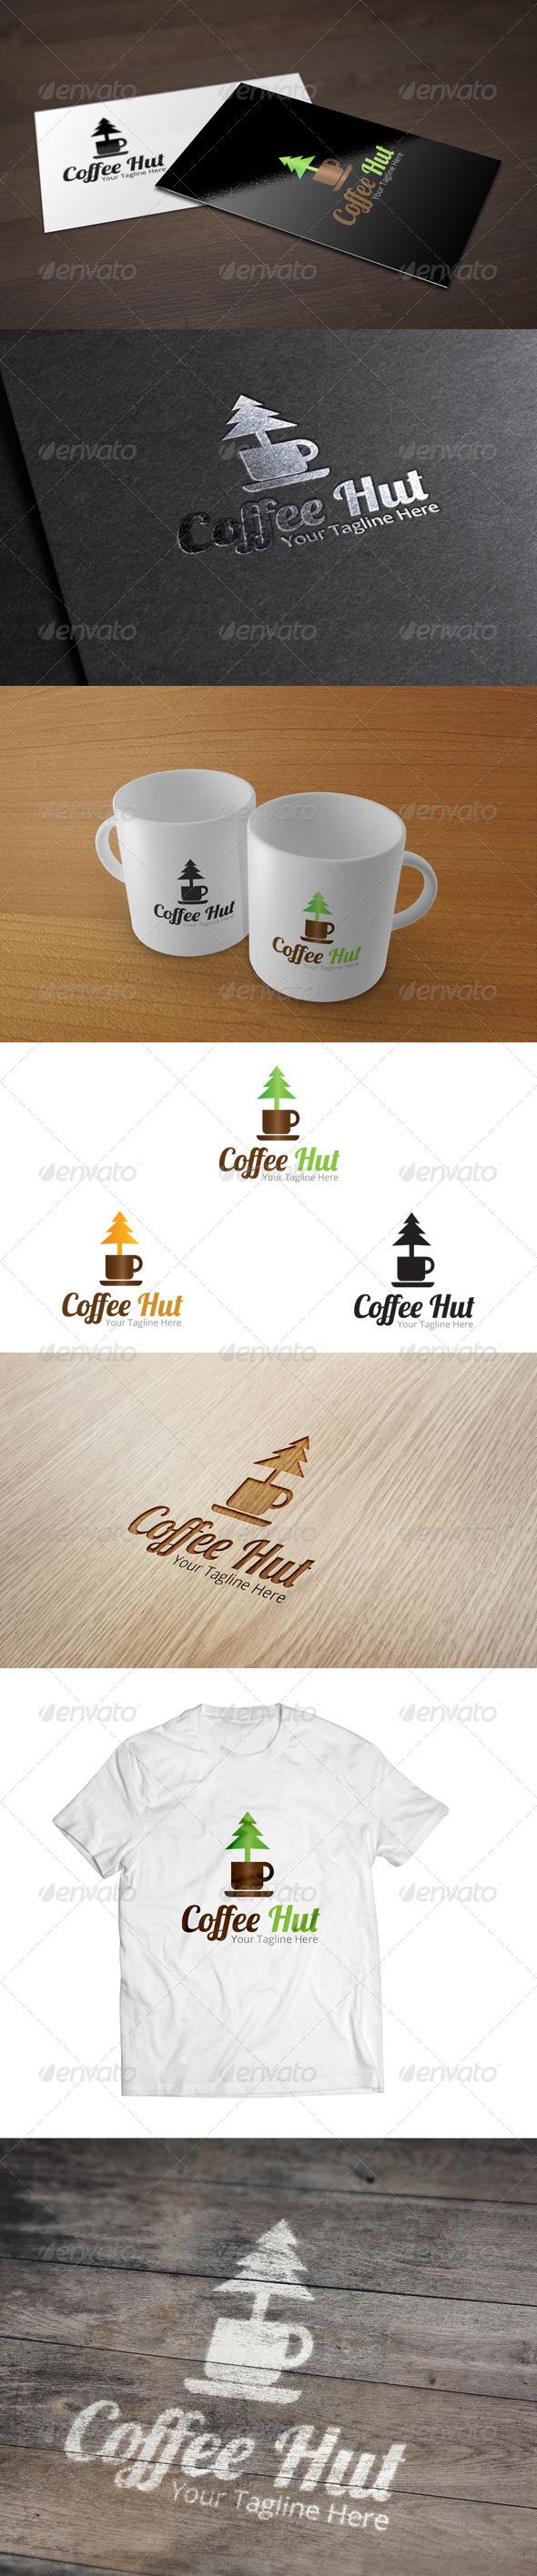 GraphicRiver Coffee Hut Logo Template 7010314